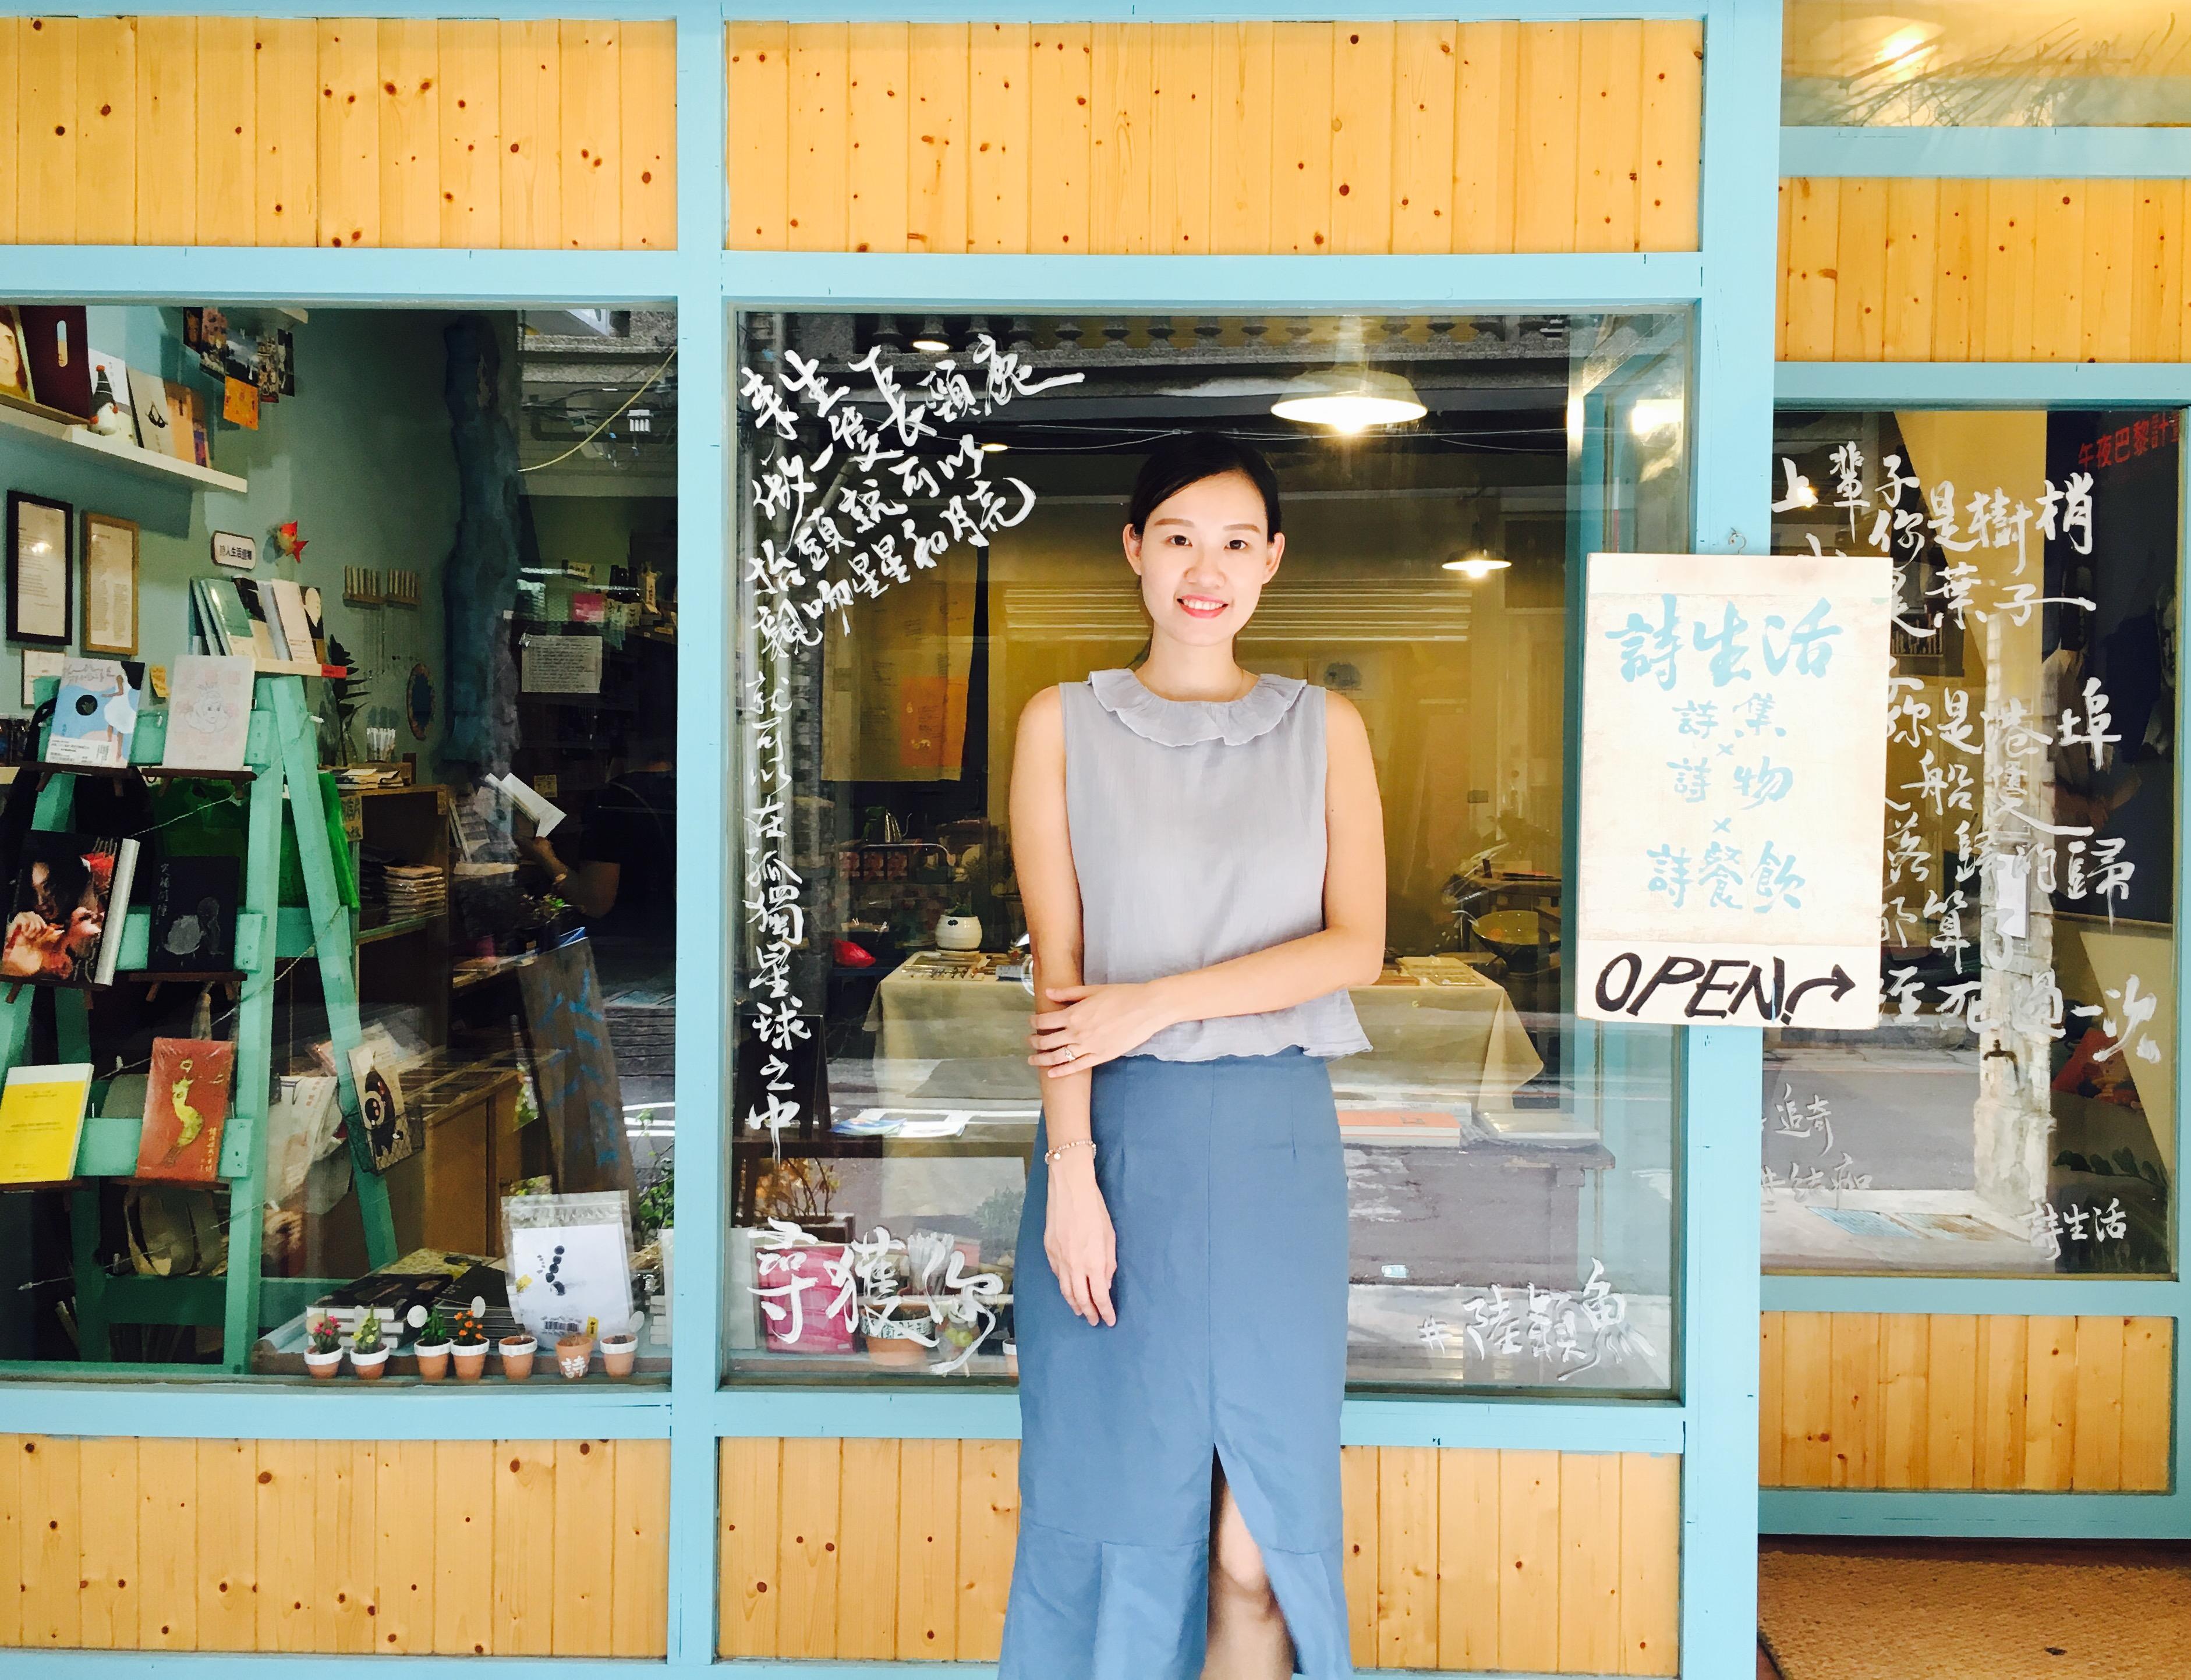 陸穎魚,香港詩人,曾任多年財經記者。現移居台灣,經營小書店詩生活。著有《淡水月亮》、《晚安晚安》、《抓住那個渾蛋》三本詩集,她認為,書店是一個詩人可以與讀者直接對話的空間。